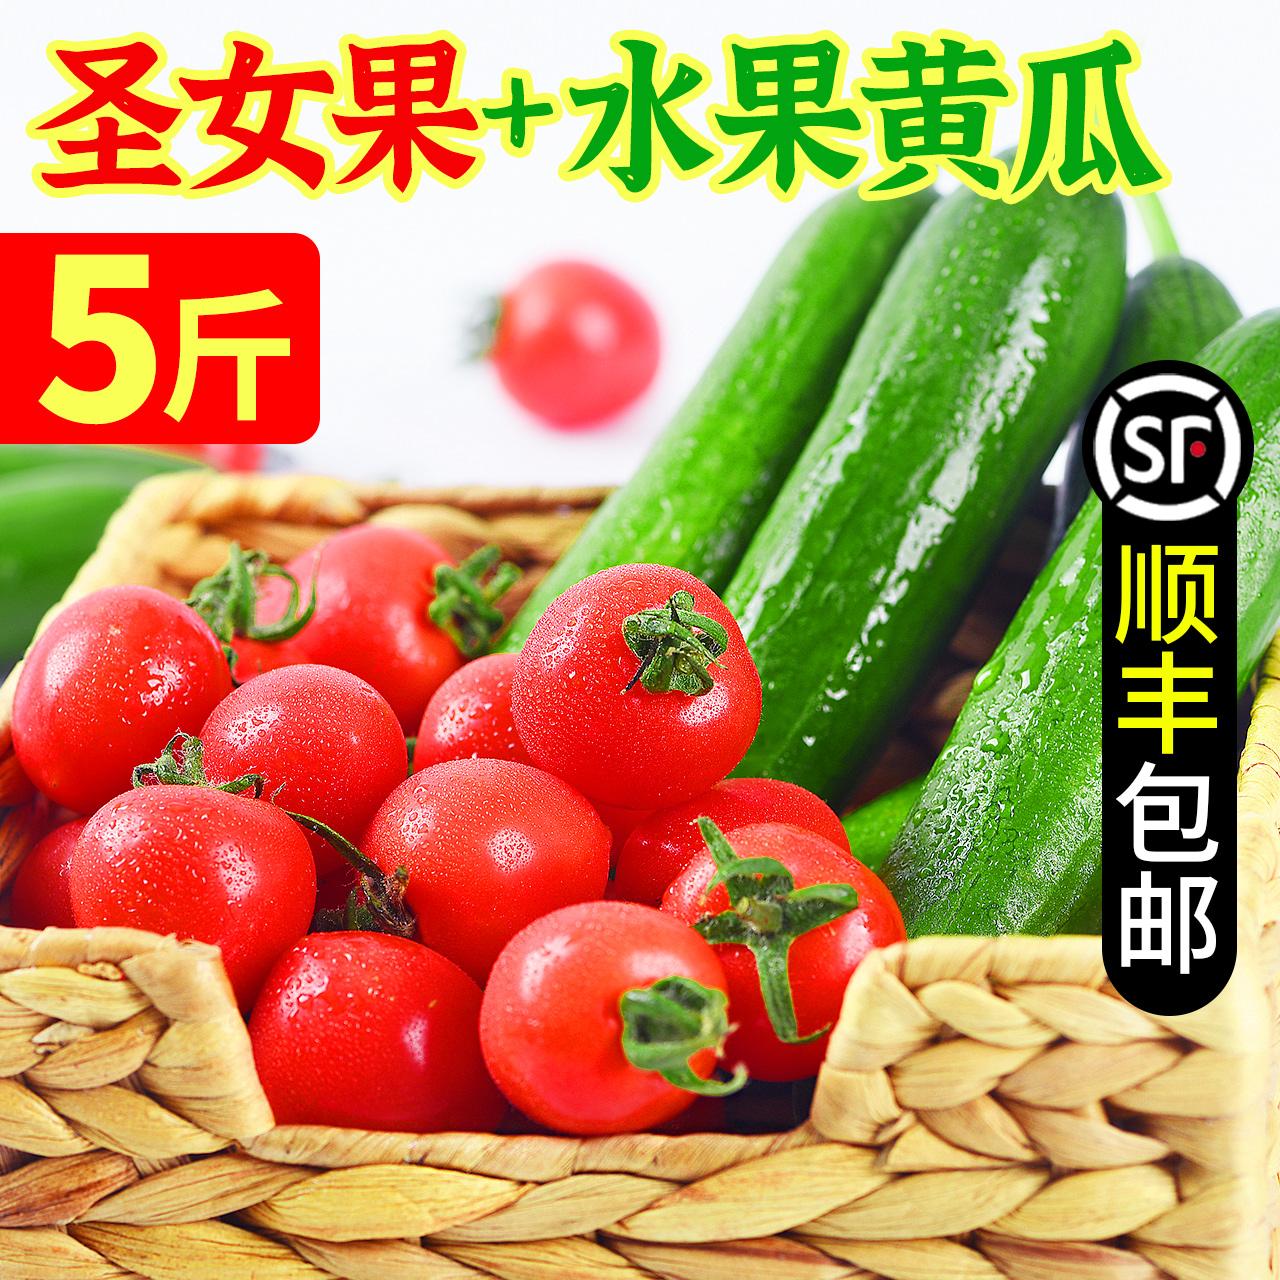 鲜圣女果小黄瓜5斤组合混装小番茄西红柿农家蔬菜水果小黄瓜包邮